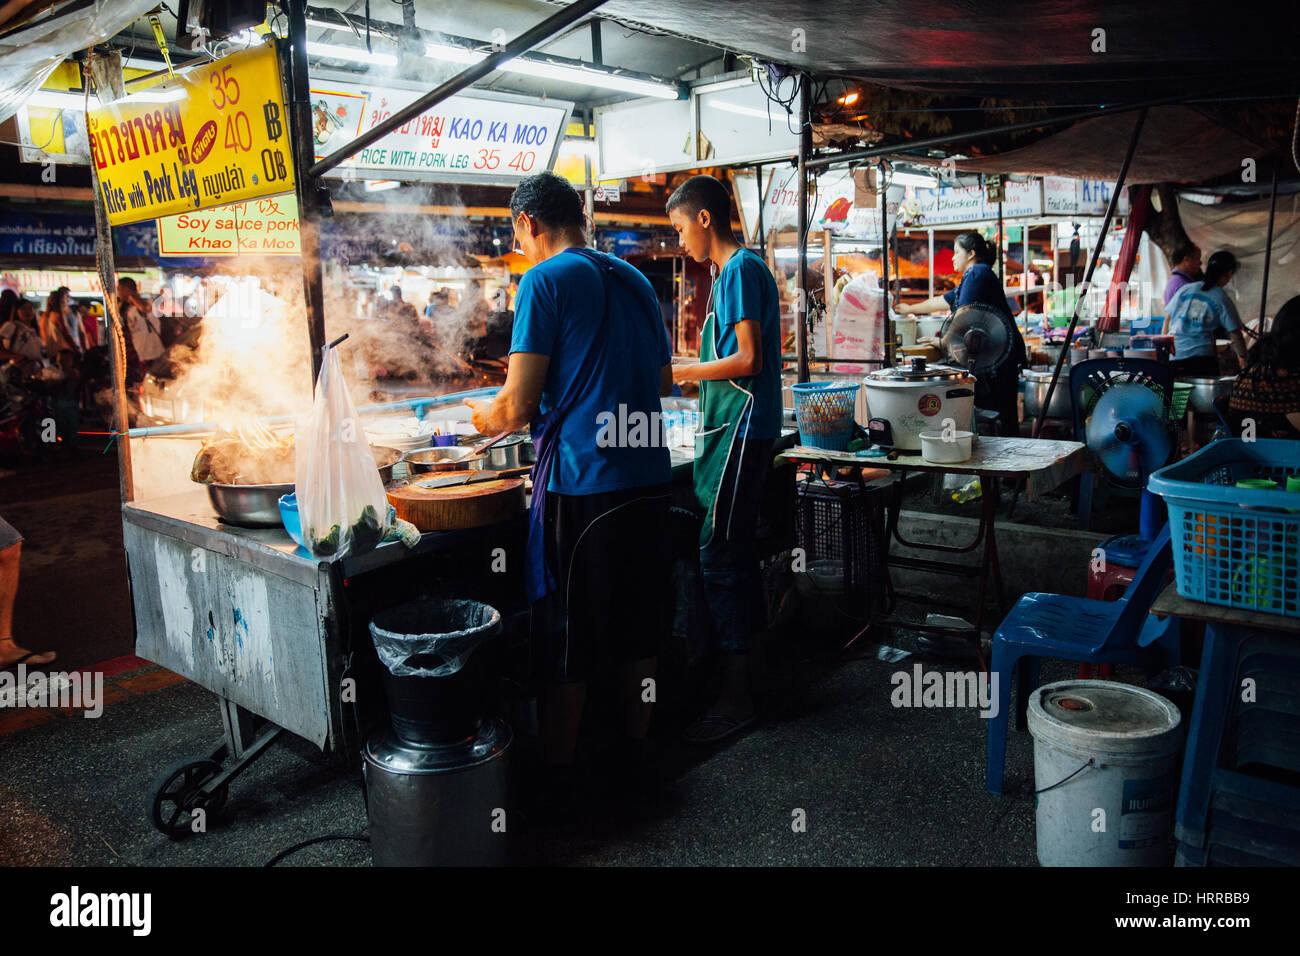 Chiang Mai, Tailandia, 27 de agosto de 2016: el padre sol y la cocción de los alimentos en el mercado del sábado Imagen De Stock